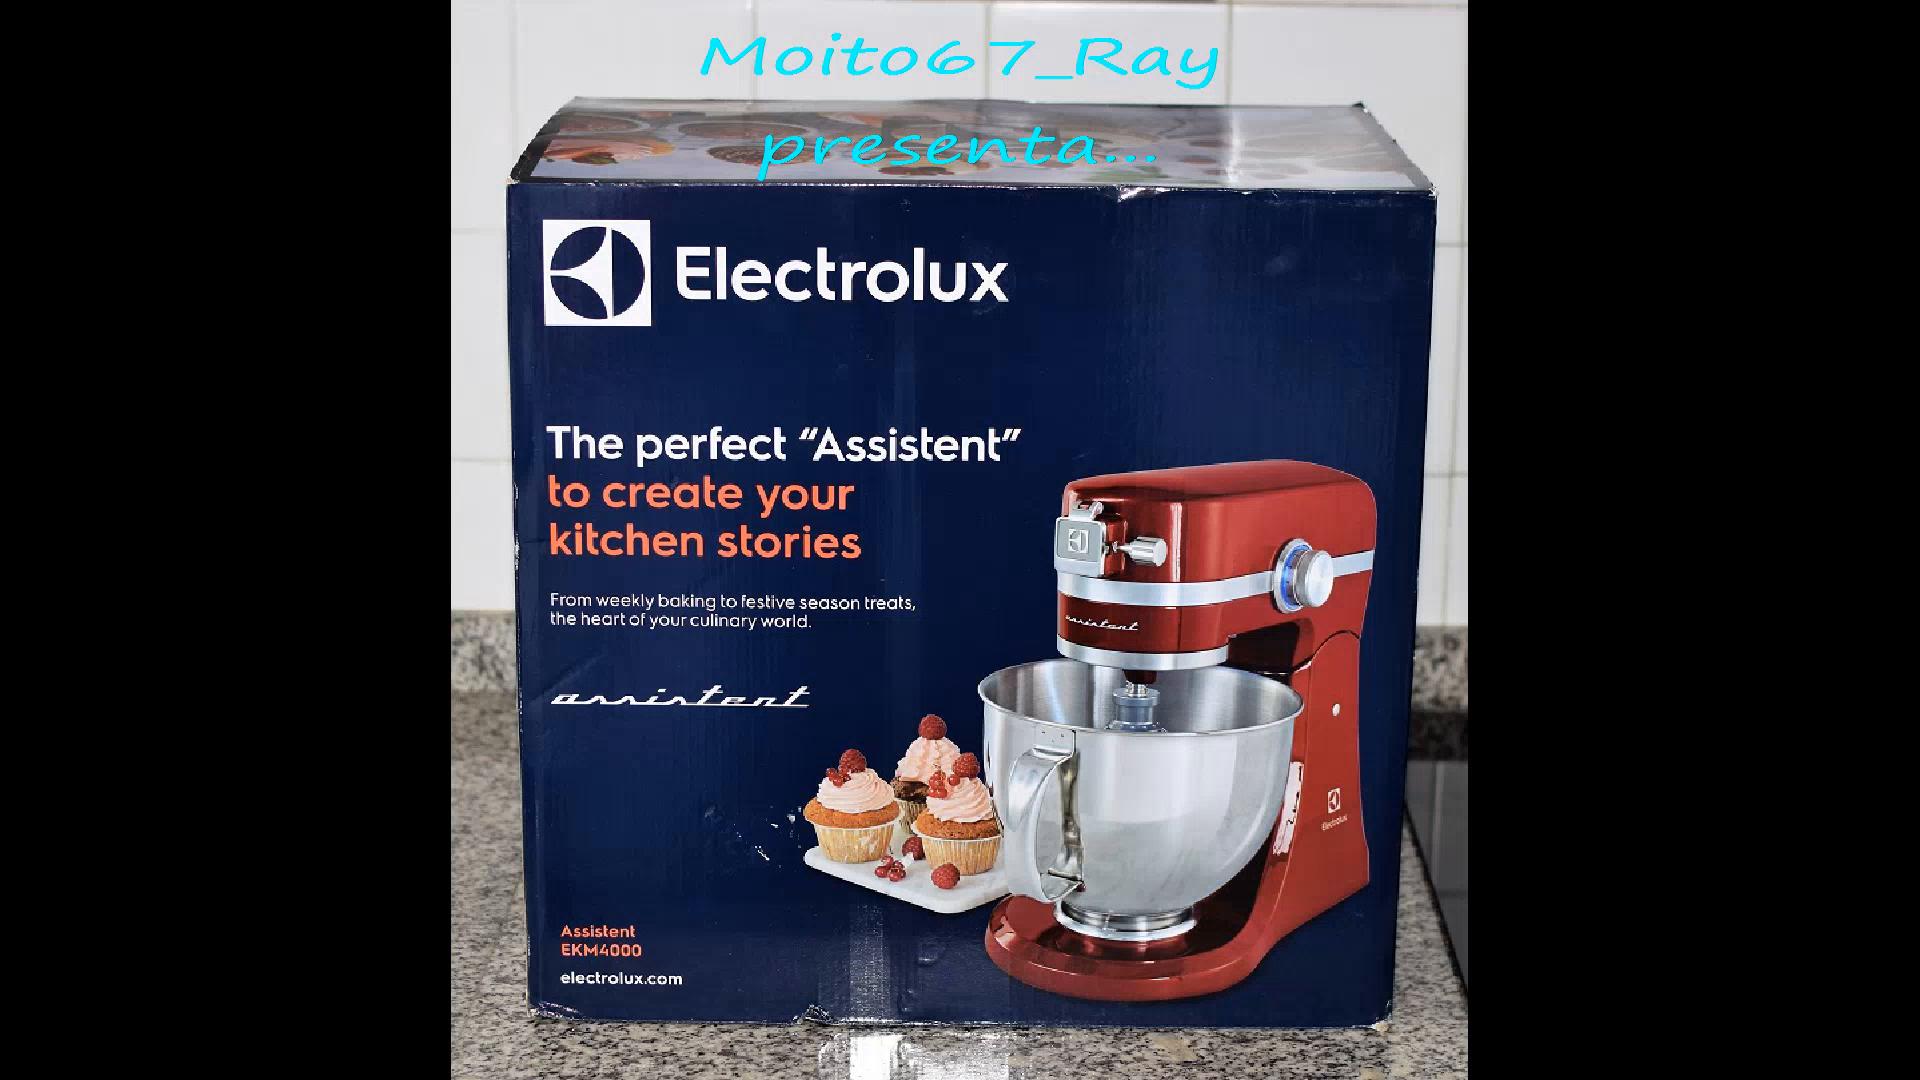 Amazon.es:Opiniones de clientes: Electrolux Assistent EKM4100 - Robot de cocina, color blanco